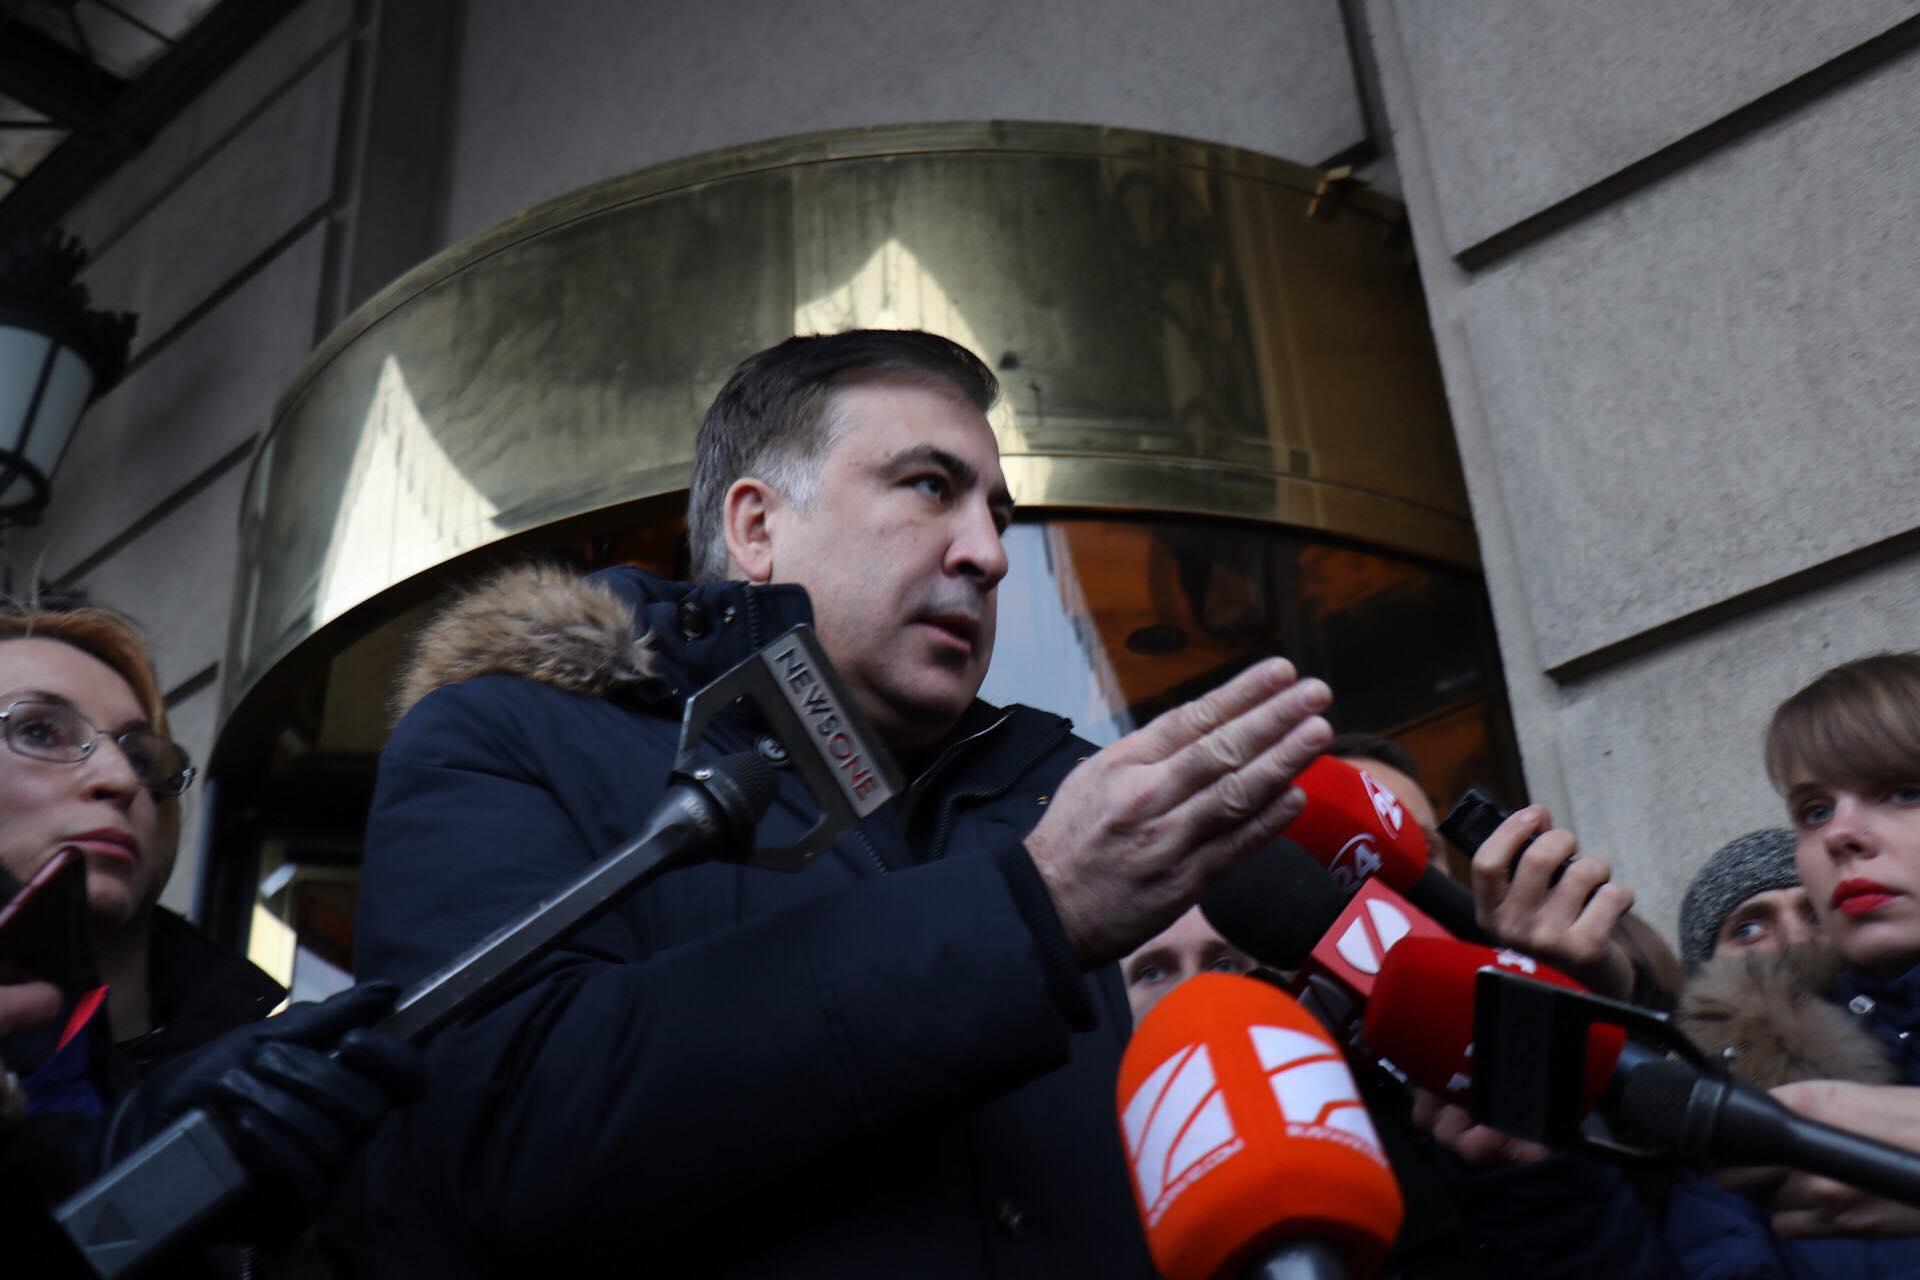 По словам политика, он ожидает возможное повторное задержания в скором времени